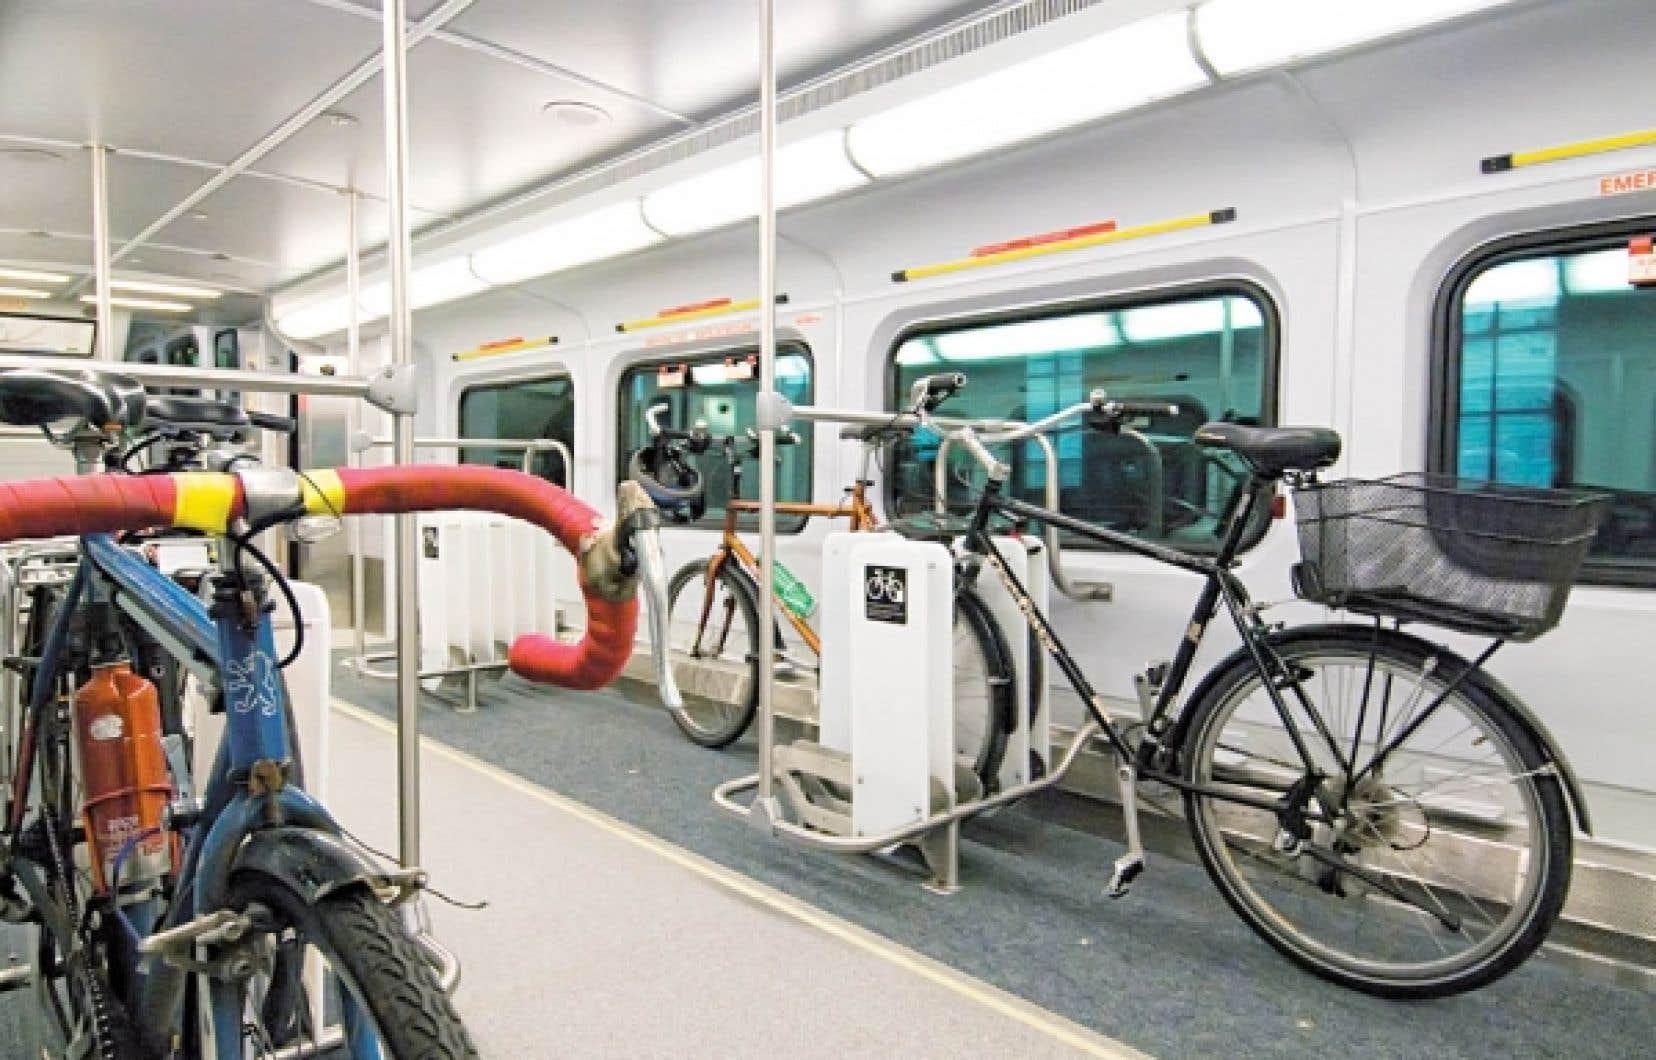 Des garages à vélos sont installés dans des voitures-bagages traditionnelles. Les voyageurs embarquent donc leur bicyclette sans démonter pédales, guidon et selle, pour quelques dollars supplémentaires.<br />